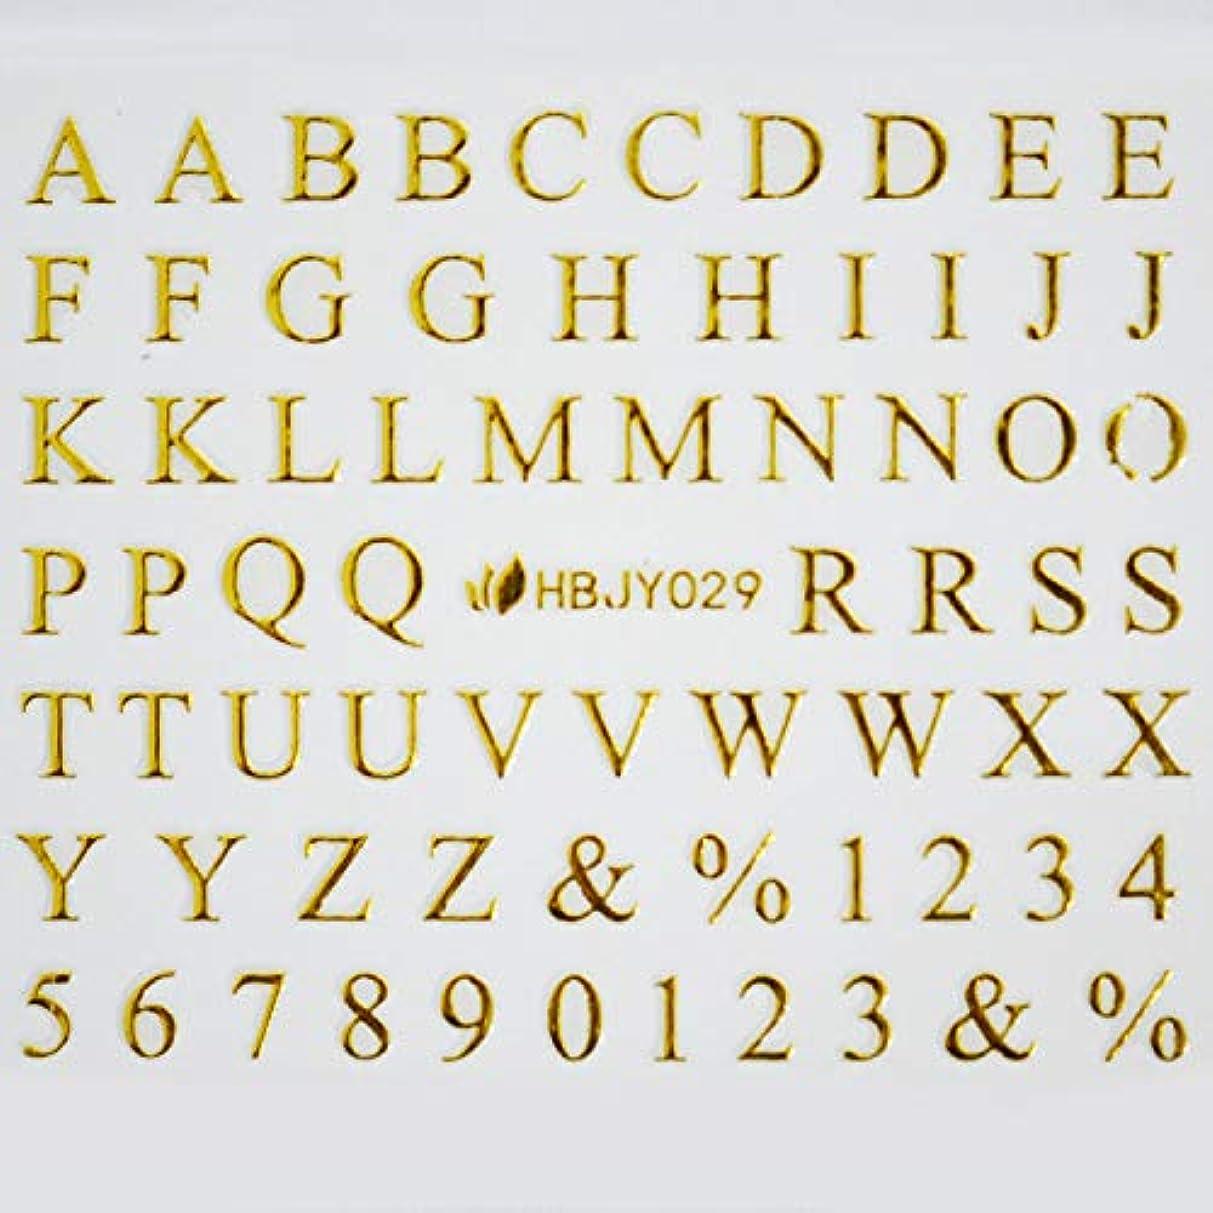 バス汚染された落ち着くアルファベットやメッセージ や 筆記体 や 数字 の ネイルシール ネイルステッカー (ローマン体大文字GOLD)